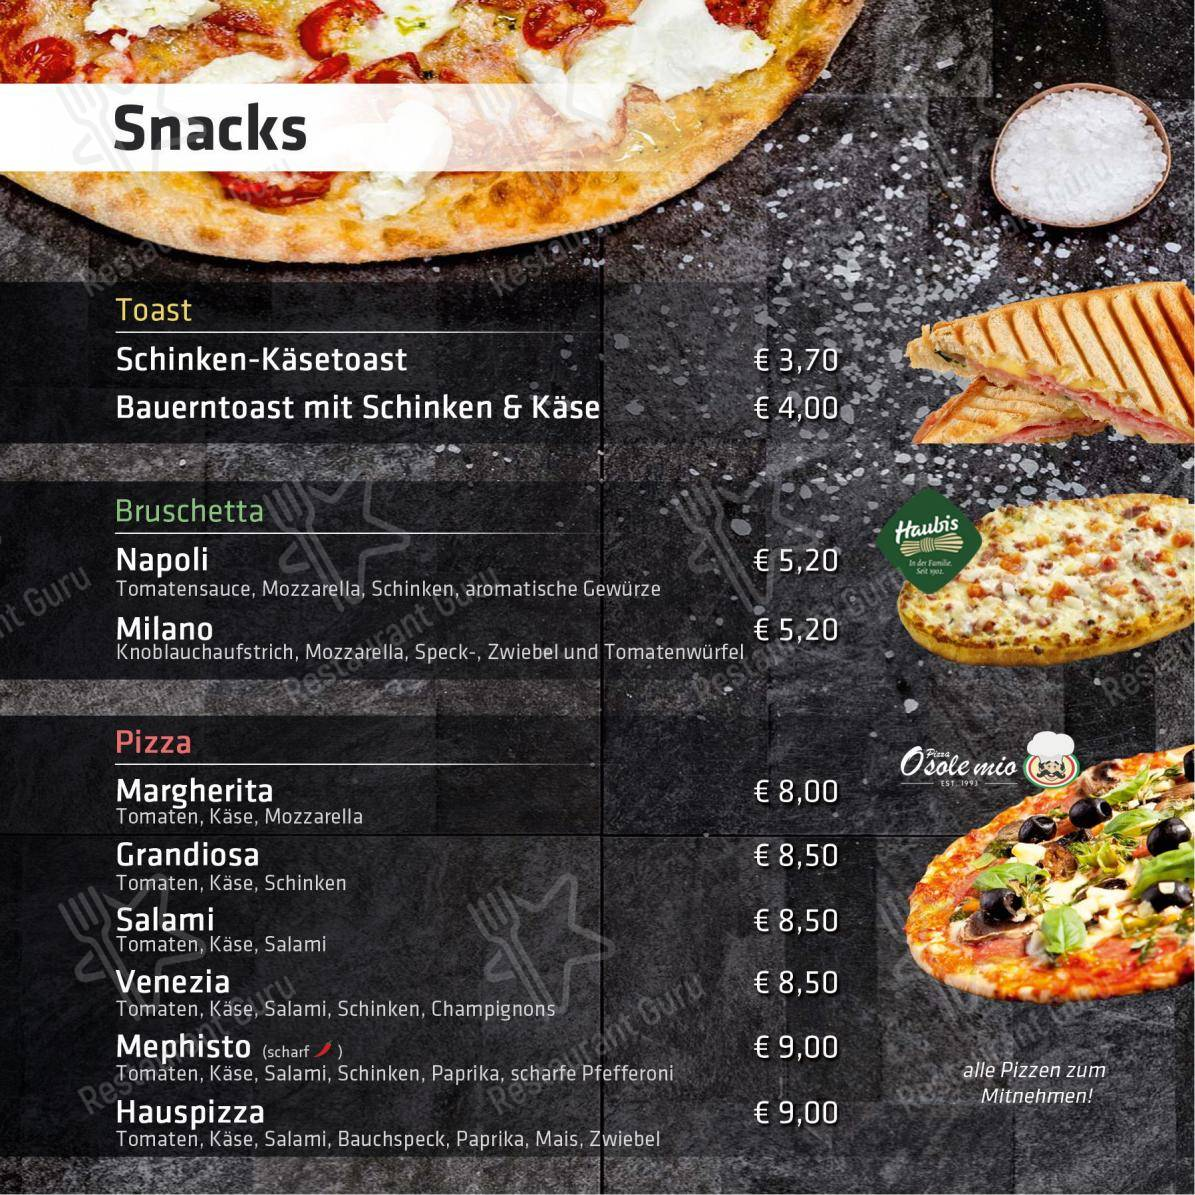 ANDIs Cafe Bar Speisekarte - Essen und Getränke